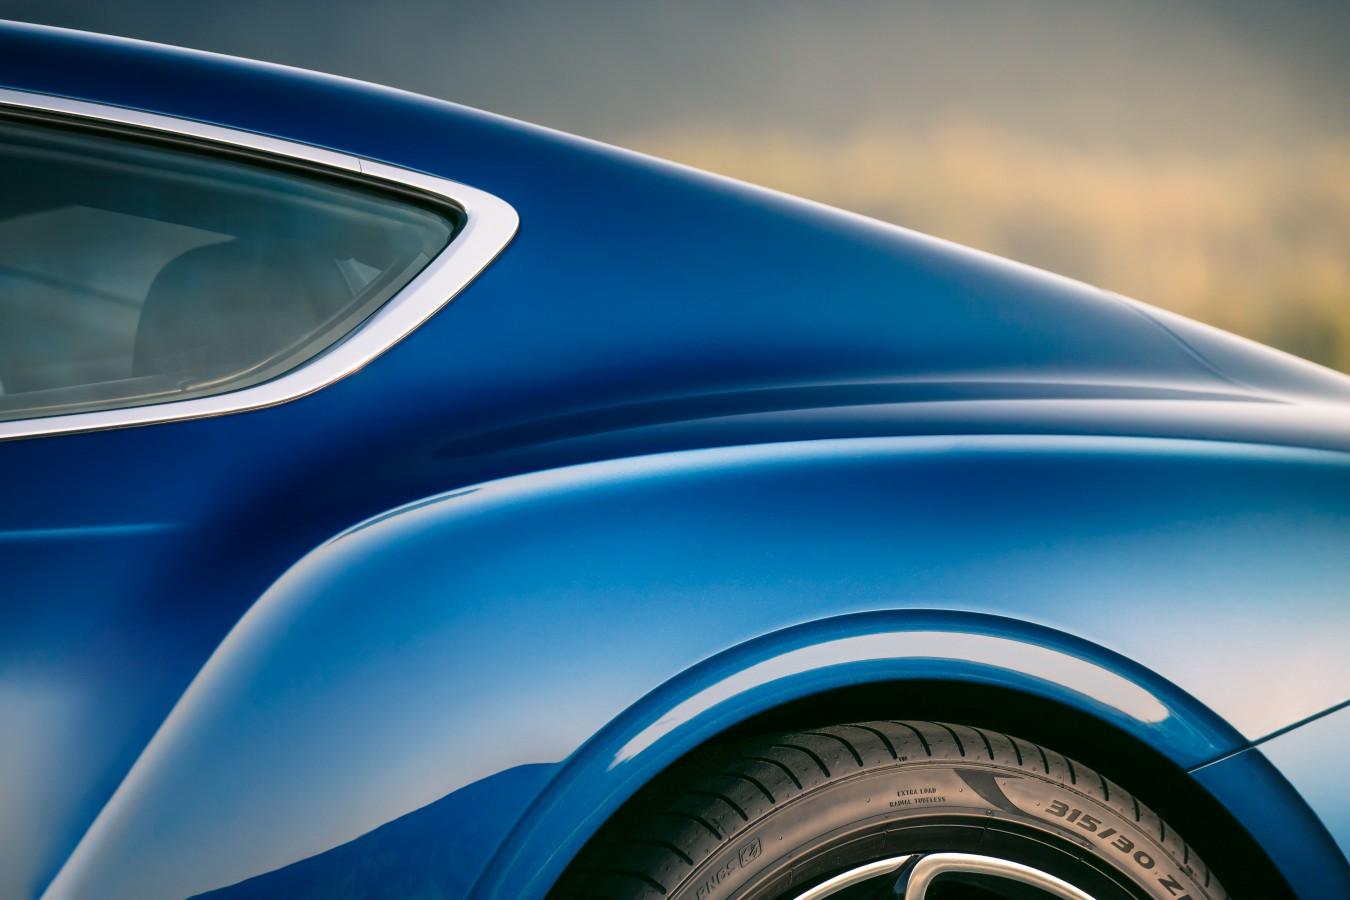 АБСОЛЮТНО НОВЫЙ BENTLEY CONTINENTAL GT В ШОУ-РУМЕ BENTLEY МОСКВА - изображение New-Continental-GT-17 на Bentleymoscow.ru!